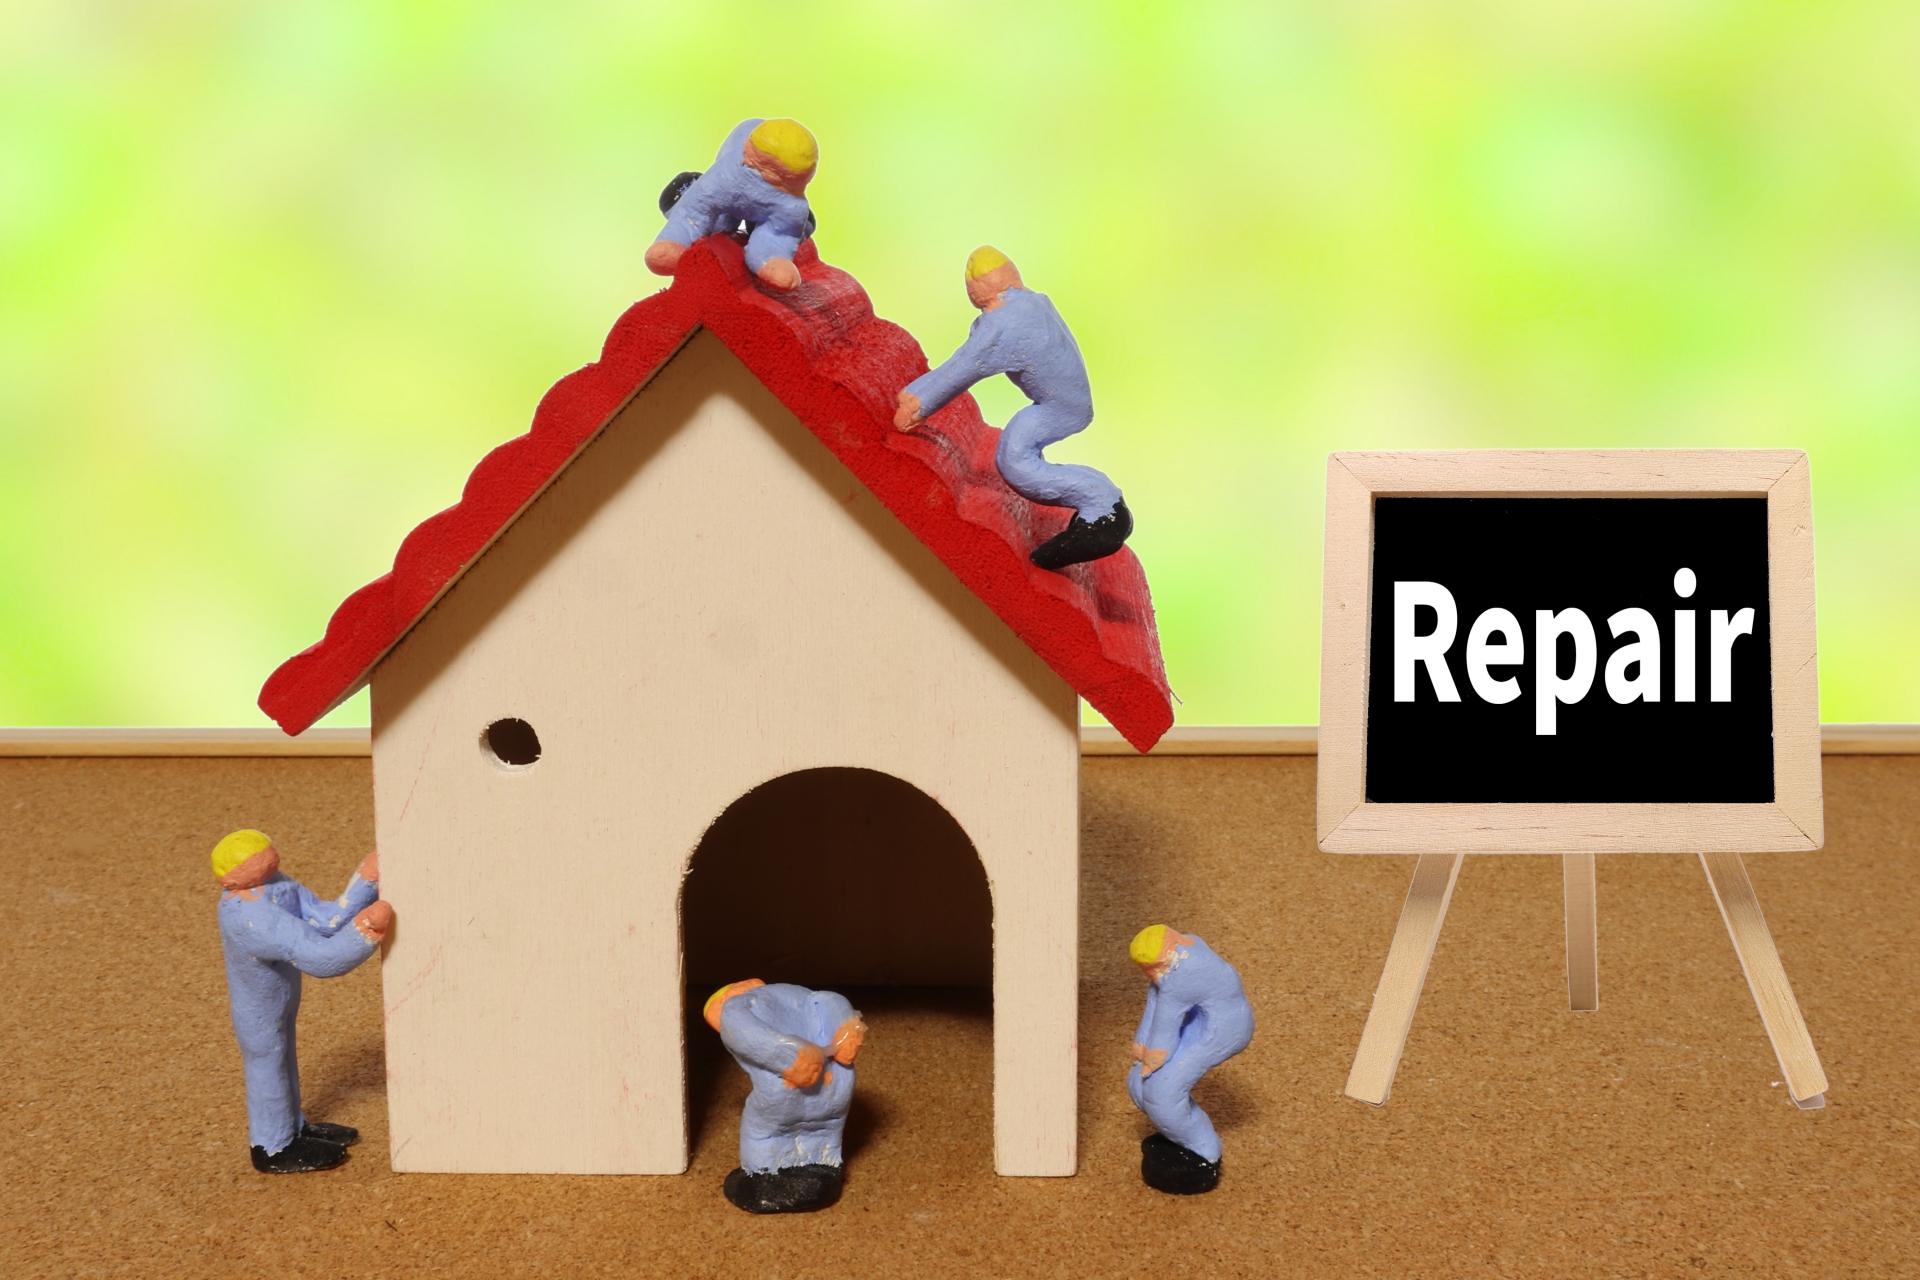 家は古くなればお金がかかります ~リフォームにどのくらいかかる?~のイメージ